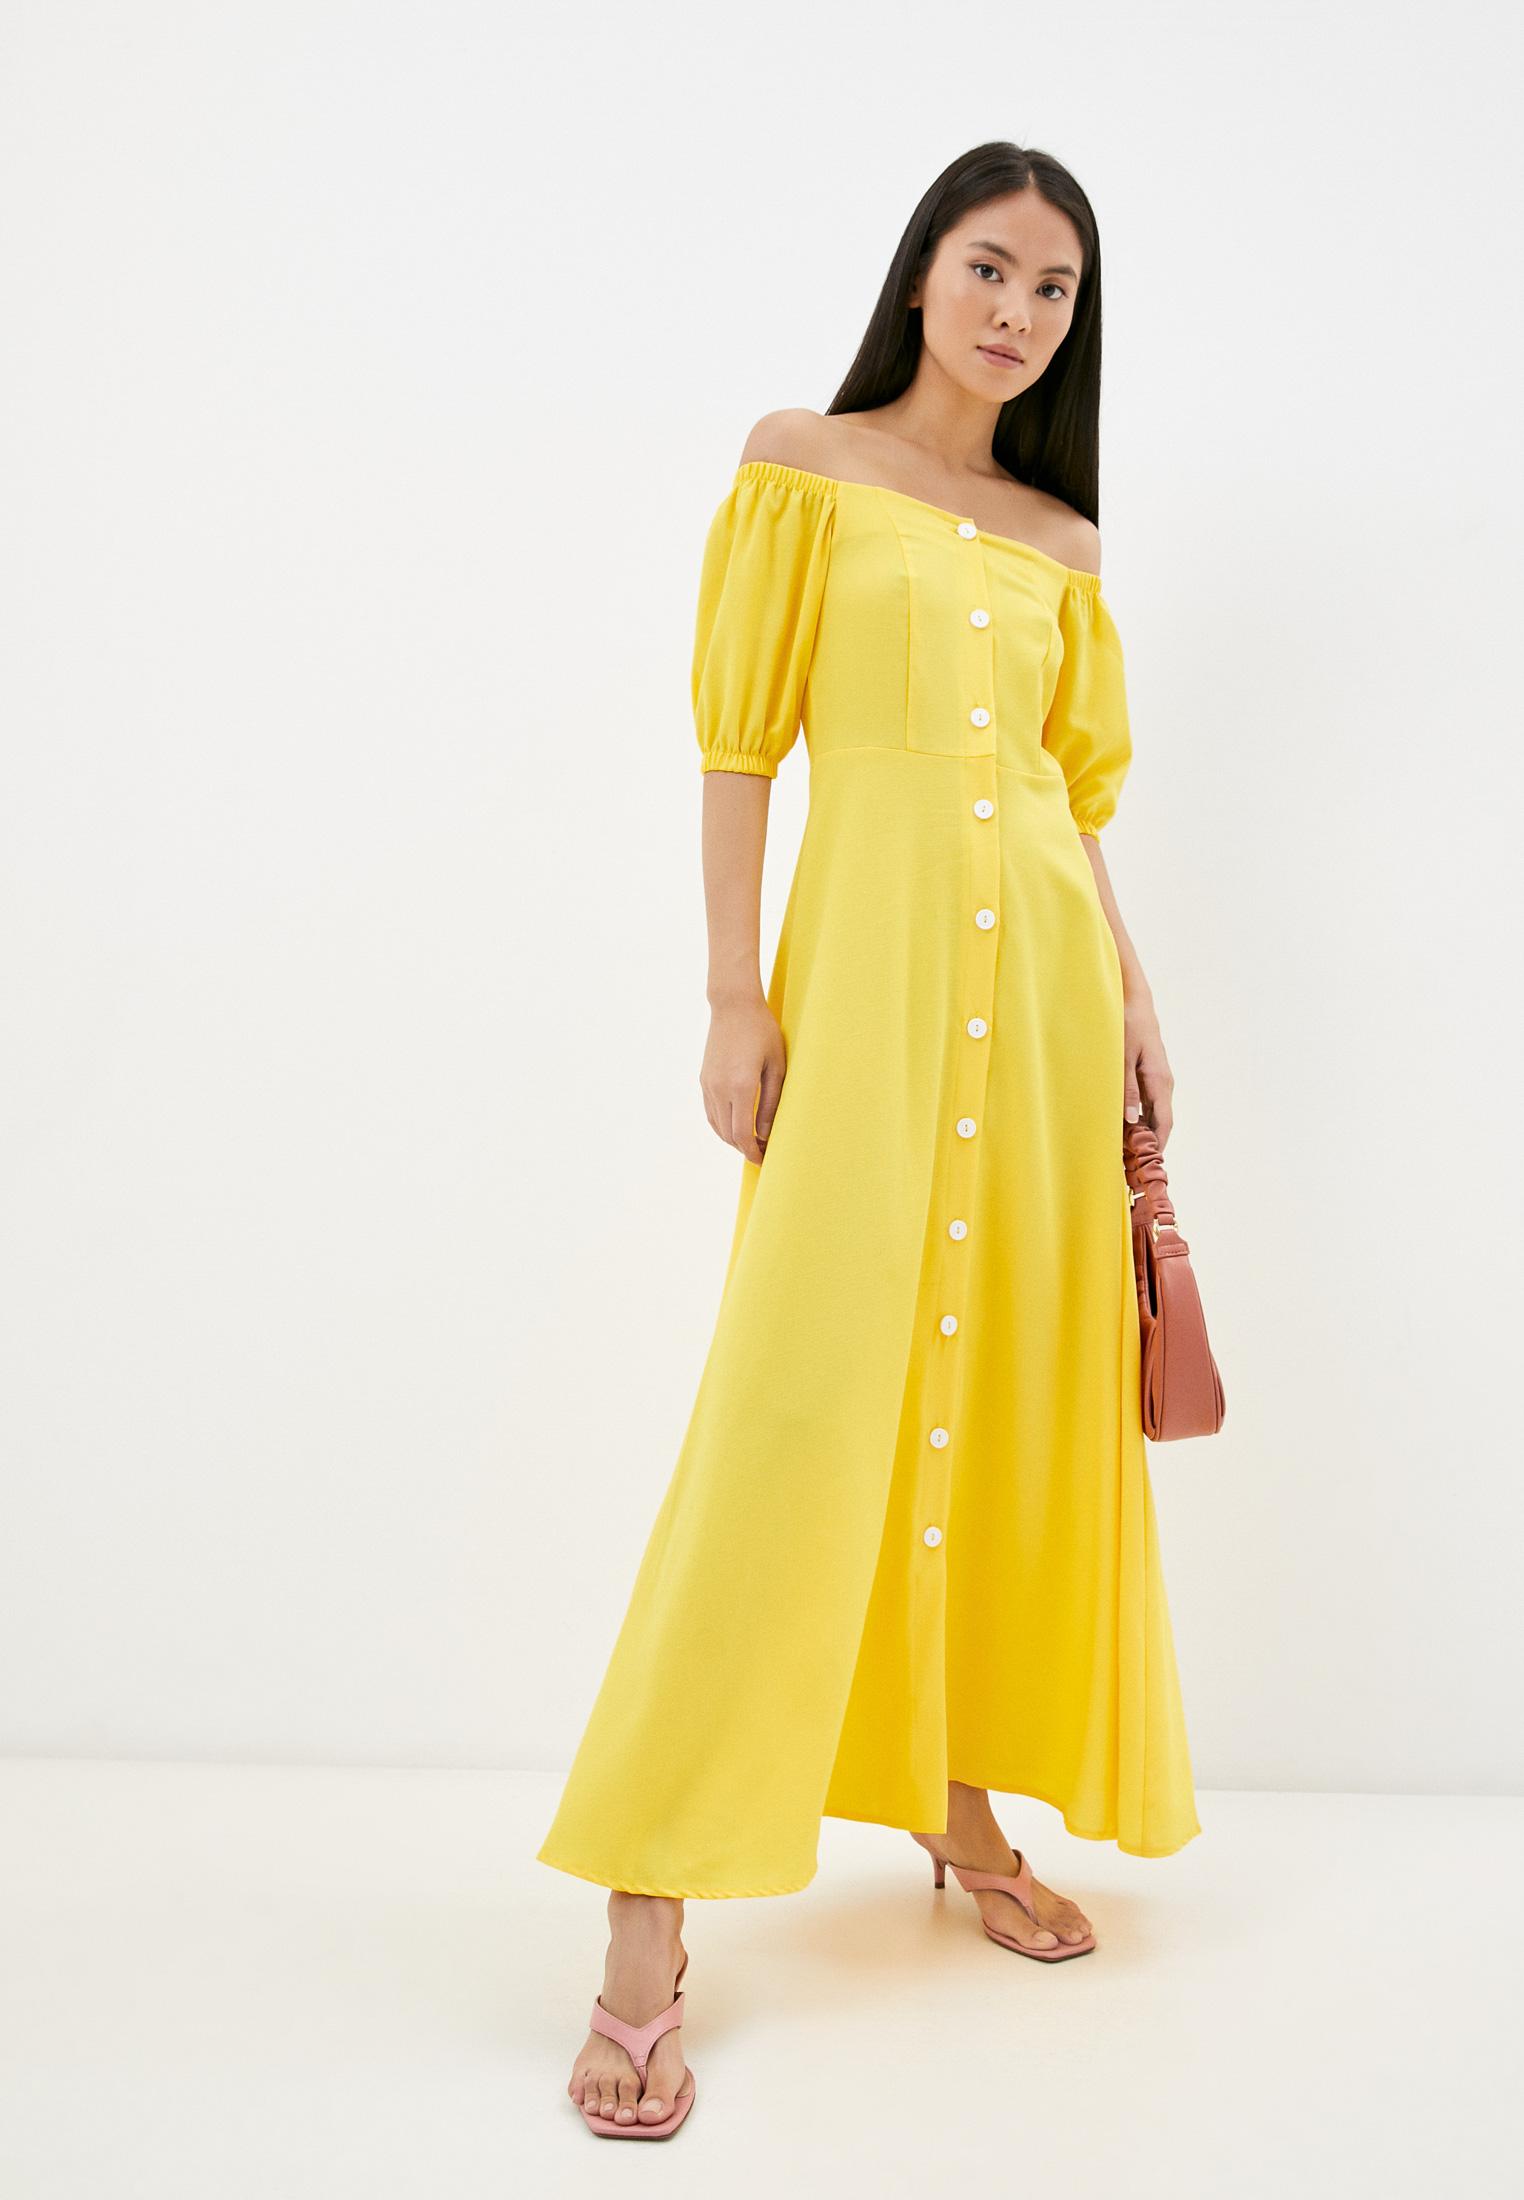 Платье Pink Orange PO21-0313-2390-2